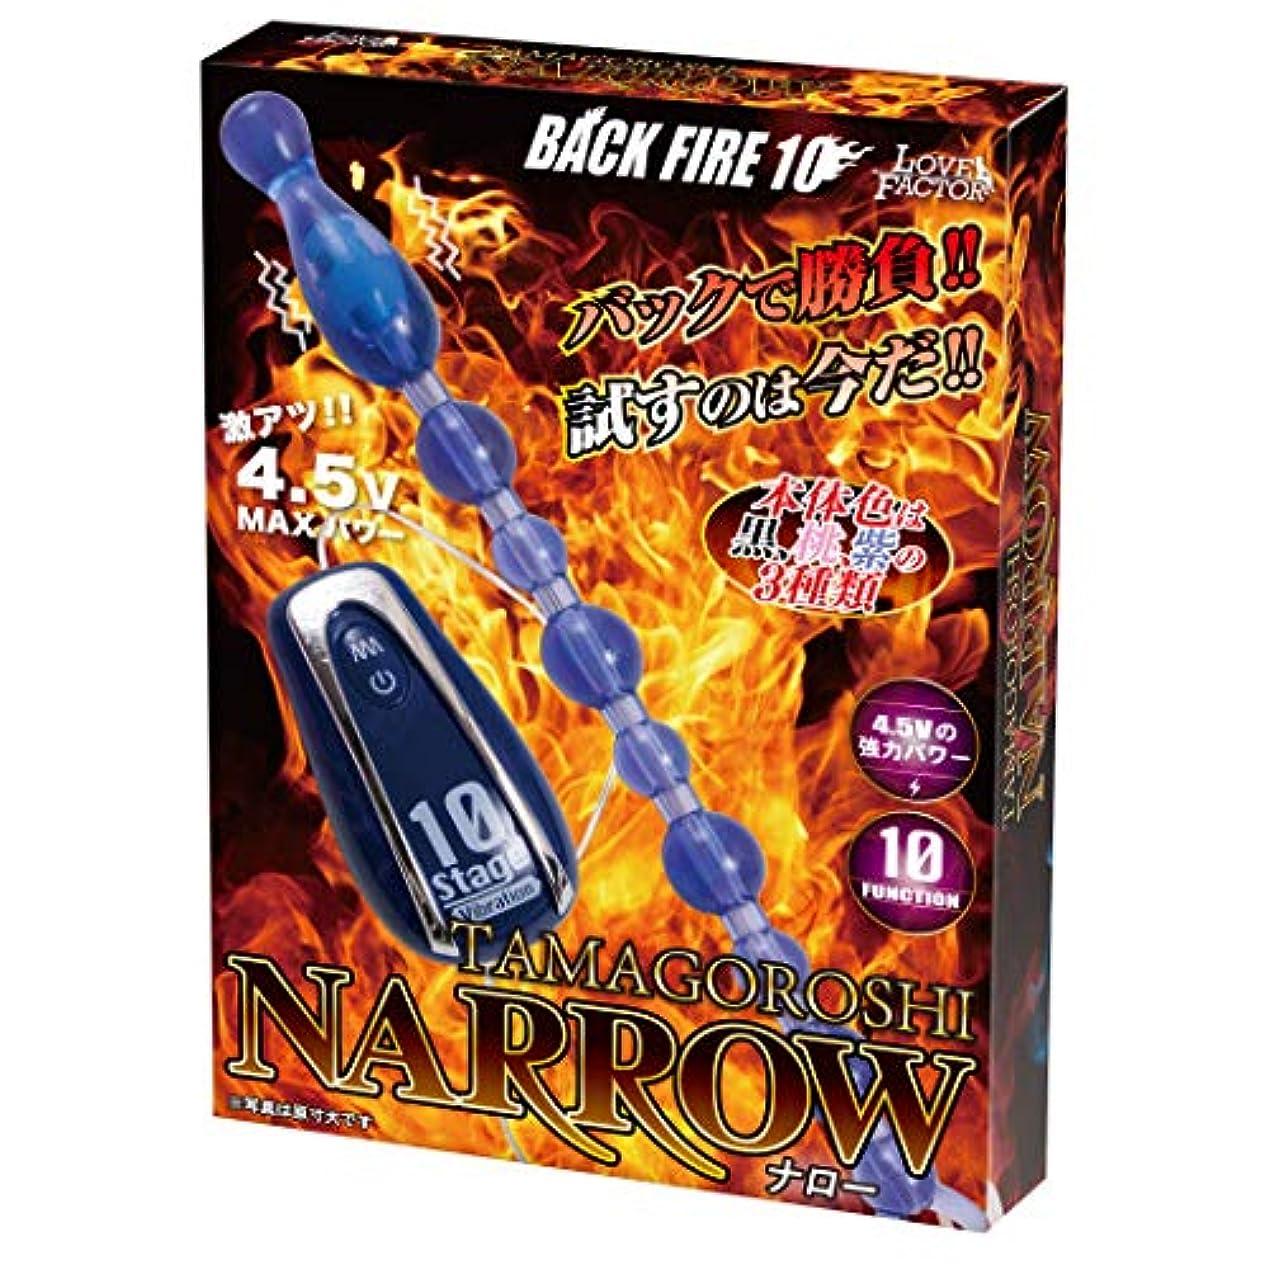 最大限スペアやろうBACK FIRE TAMAGOROSHI NARROW (ナロー) 紫 アナル拡張 アナル開発 プラグ SM調教 携帯式 野外プレー 男女兼用